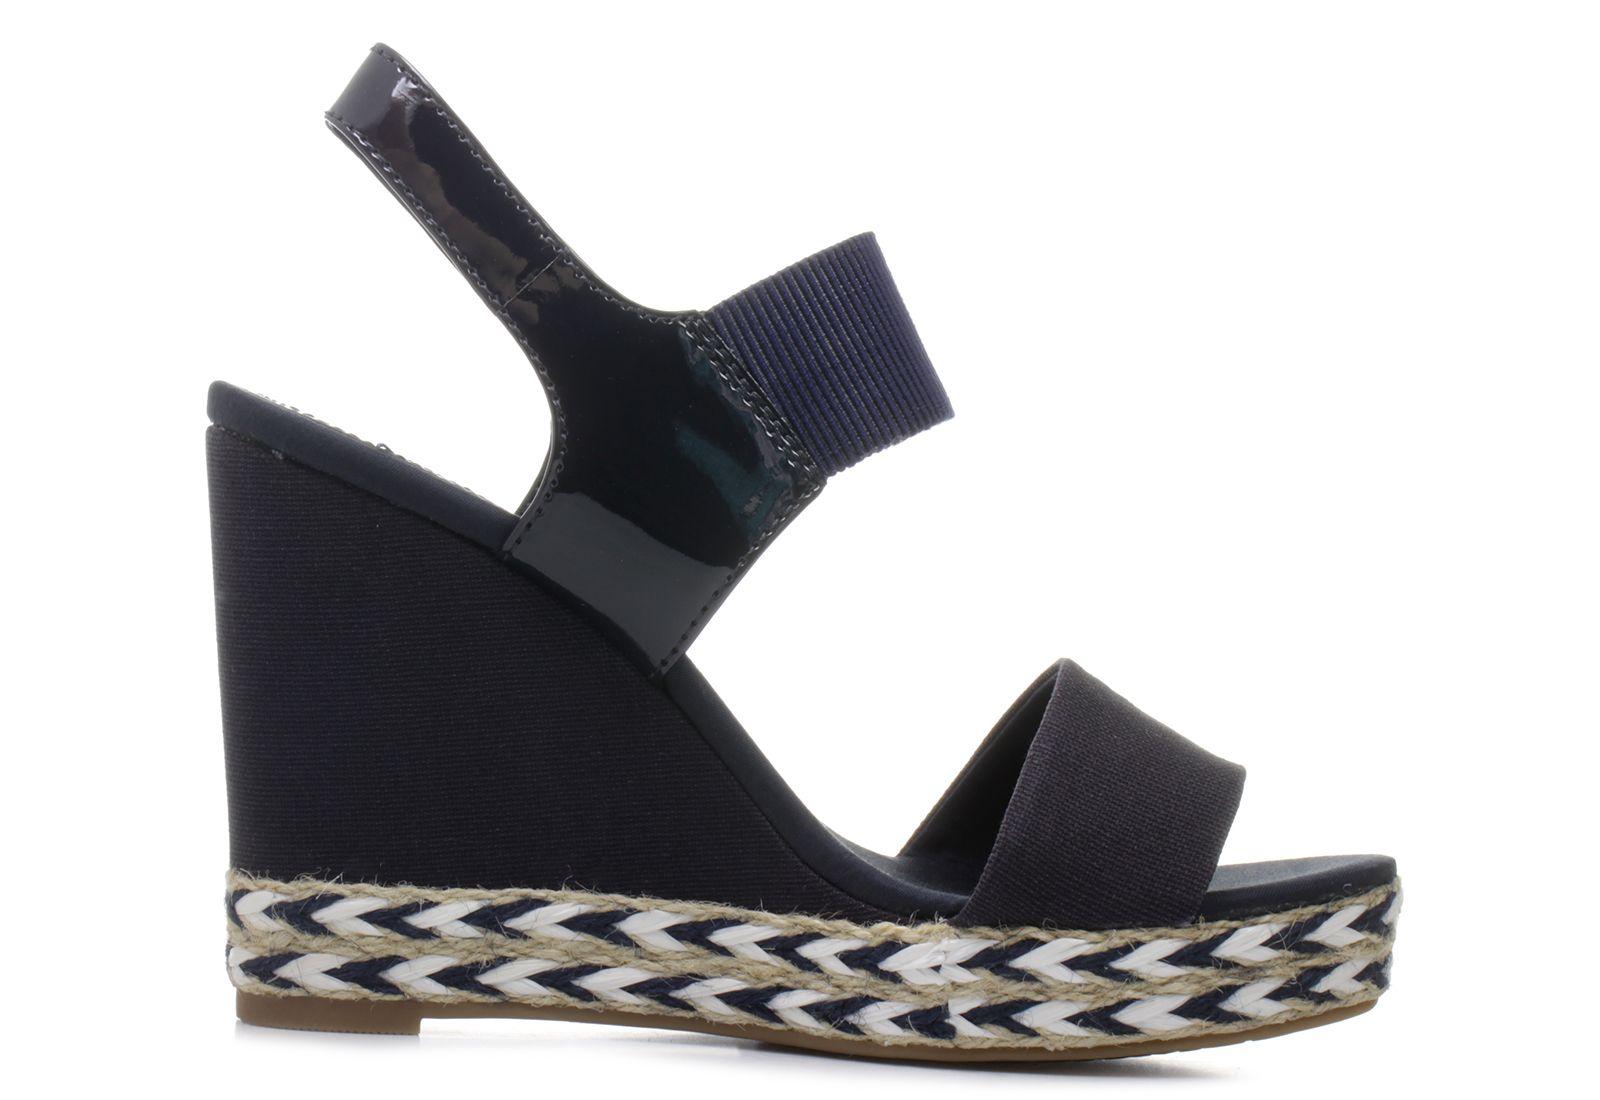 tommy hilfiger high heels elena 44c1 17s 0733 403. Black Bedroom Furniture Sets. Home Design Ideas